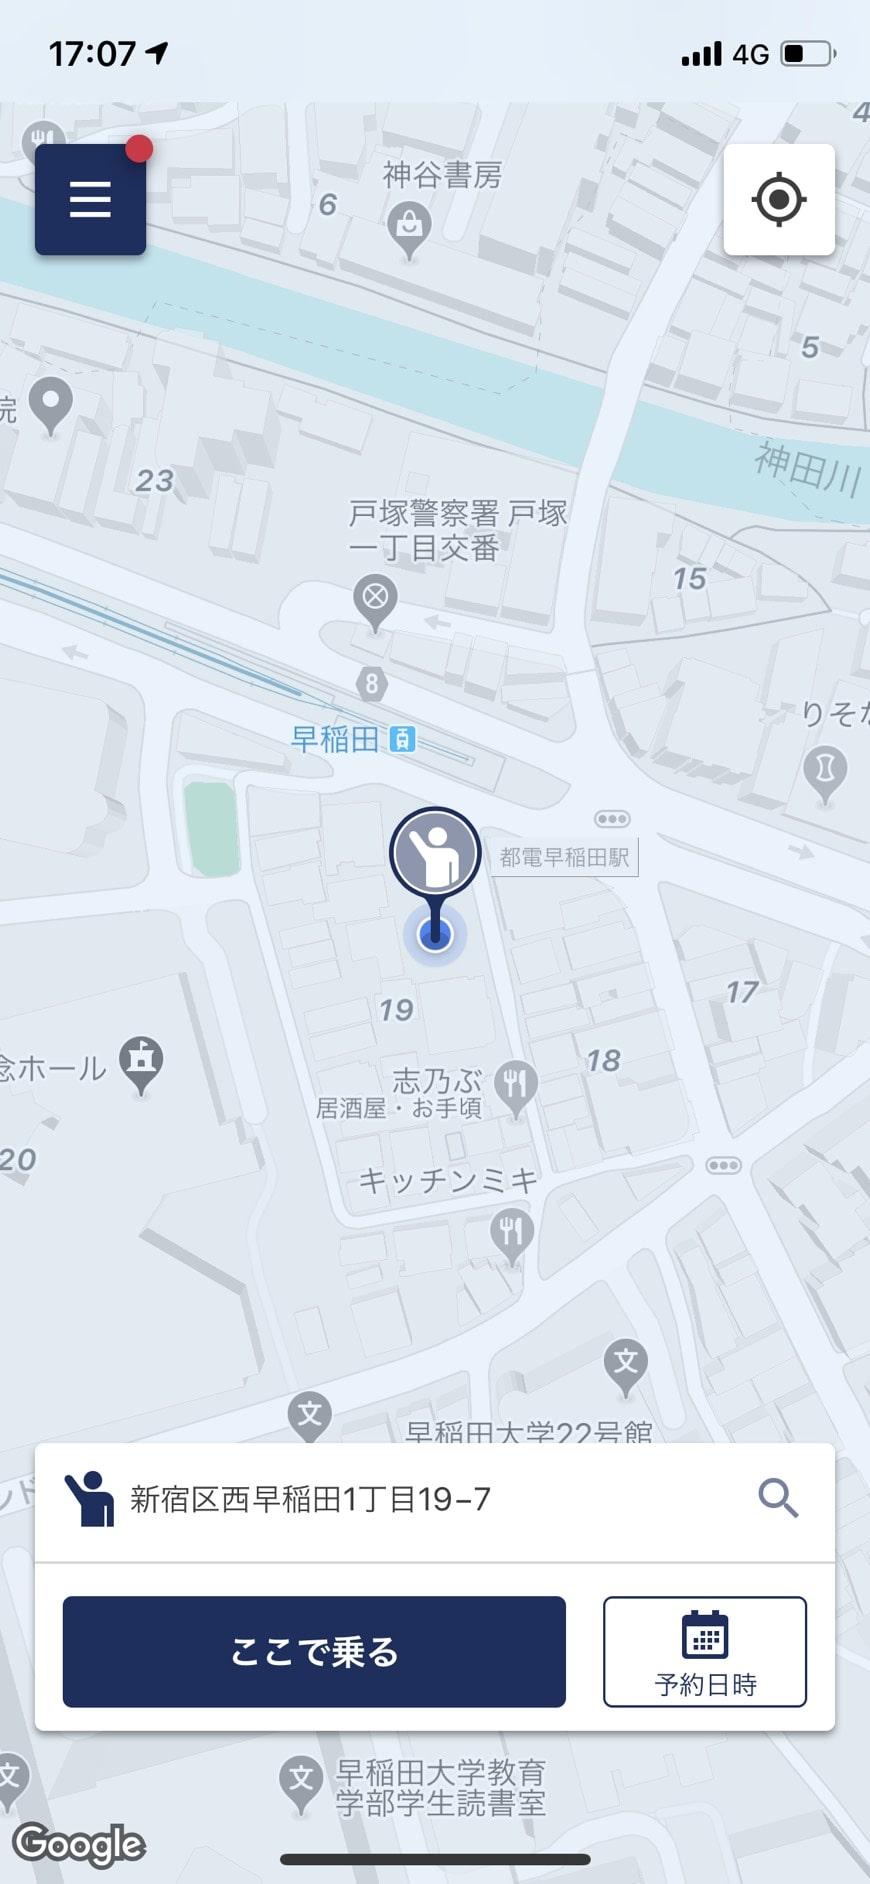 JapanTaxiで現在地(乗り場)を設定